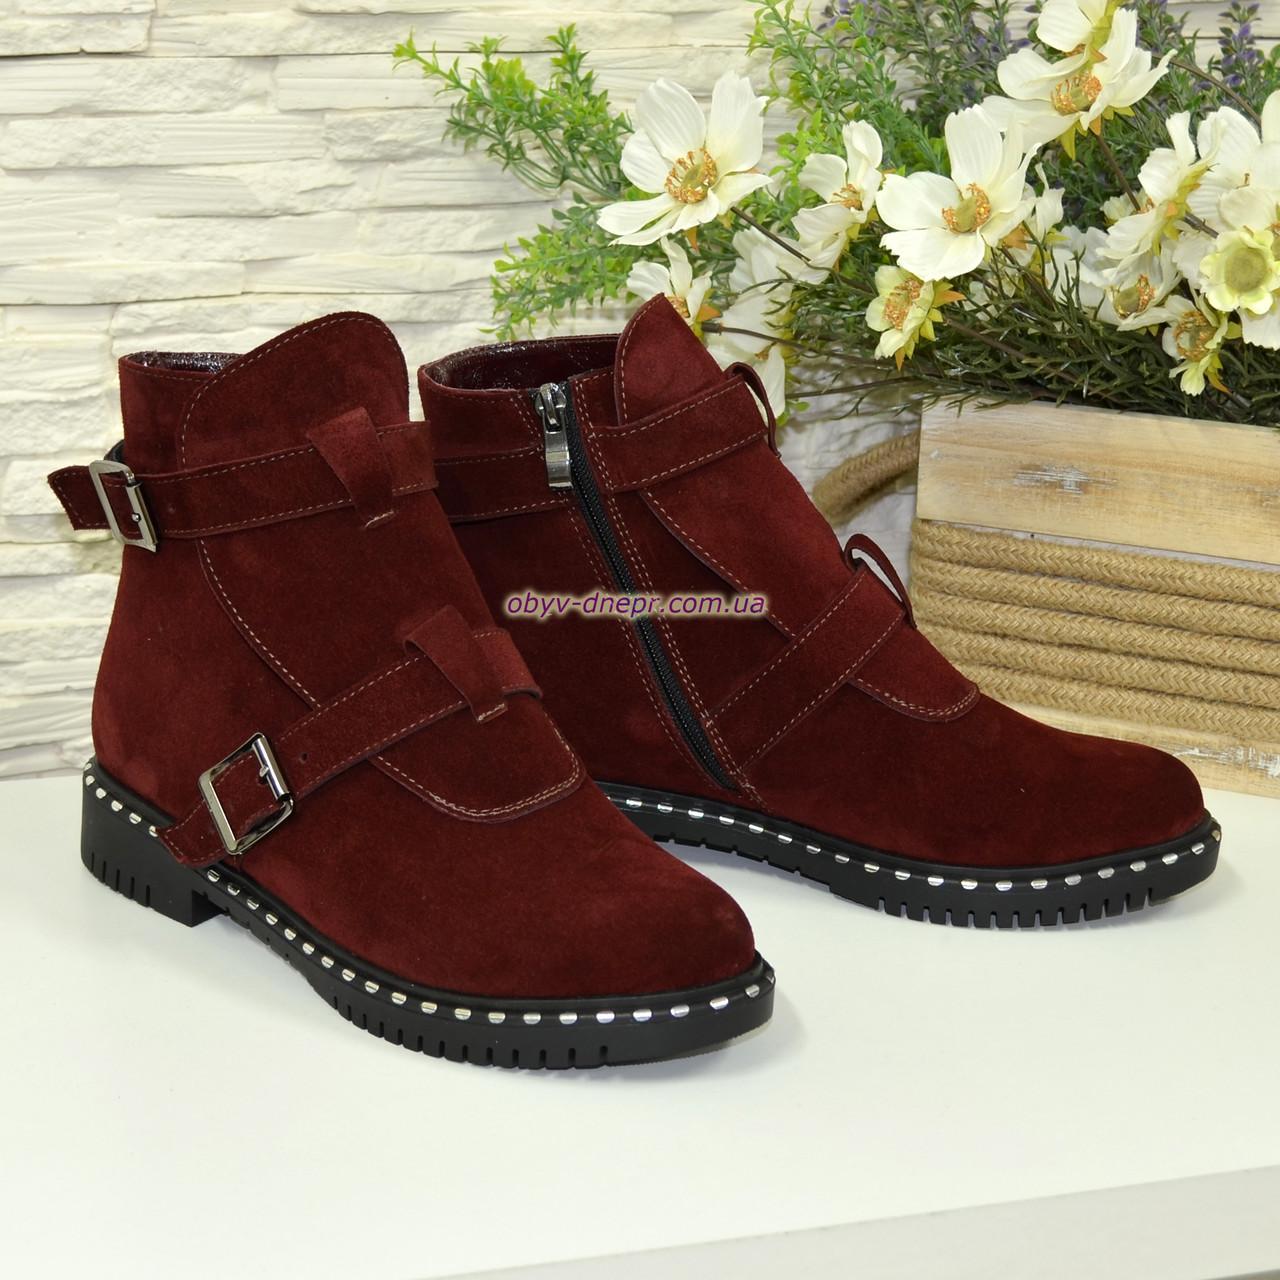 Ботинки замшевые демисезонные на низком ходу, декорированы ремешками. Цвет бордо